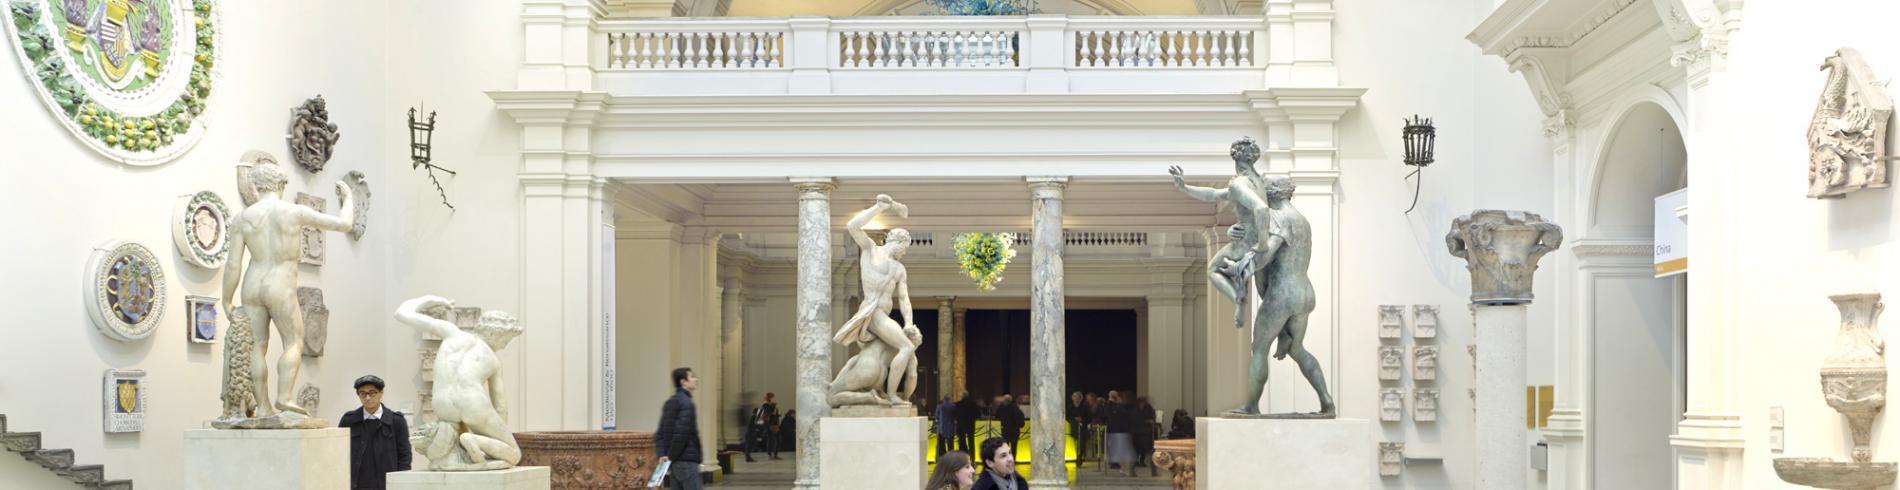 Interior of the V&A